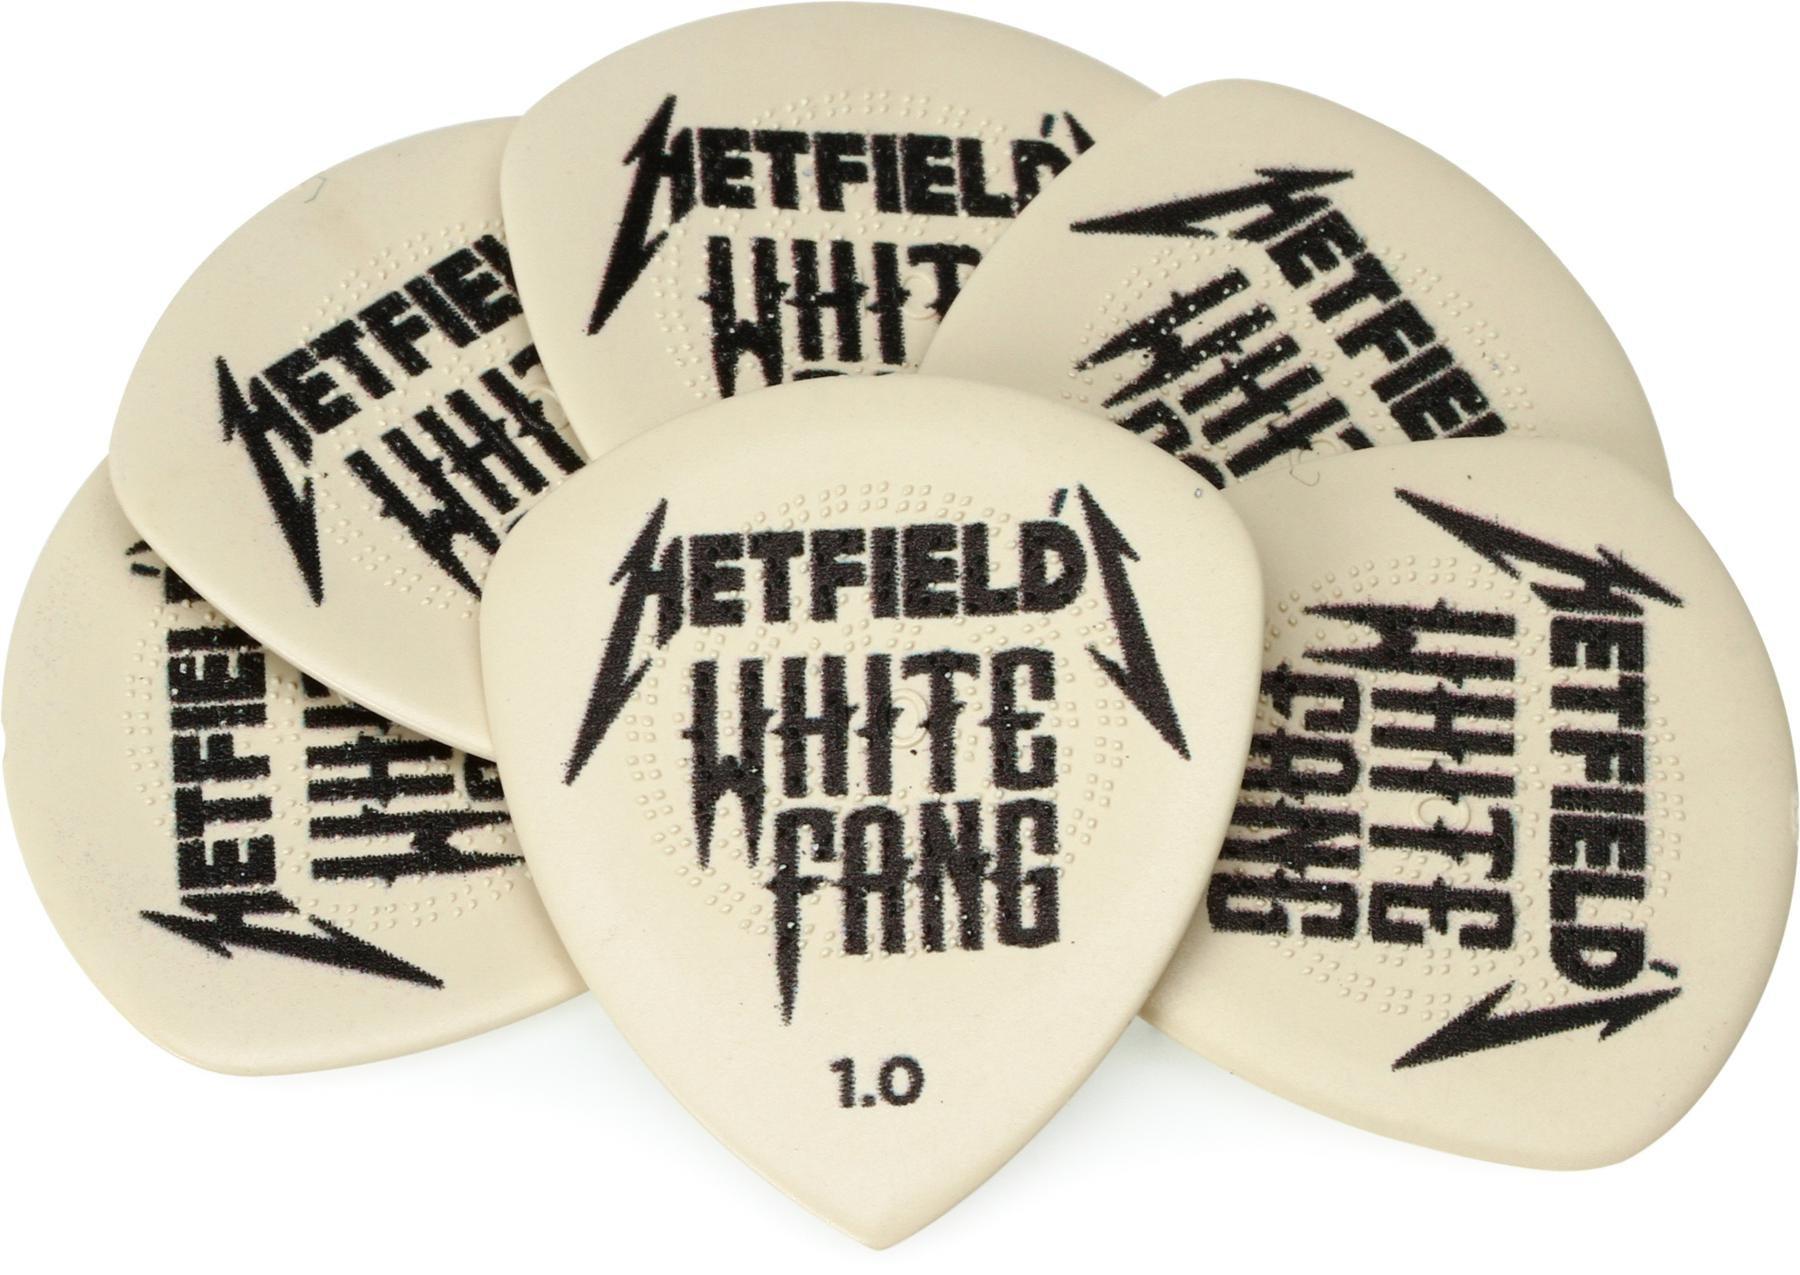 1,00 mm weiß 6x Dunlop Hetfield White Fang Ultex